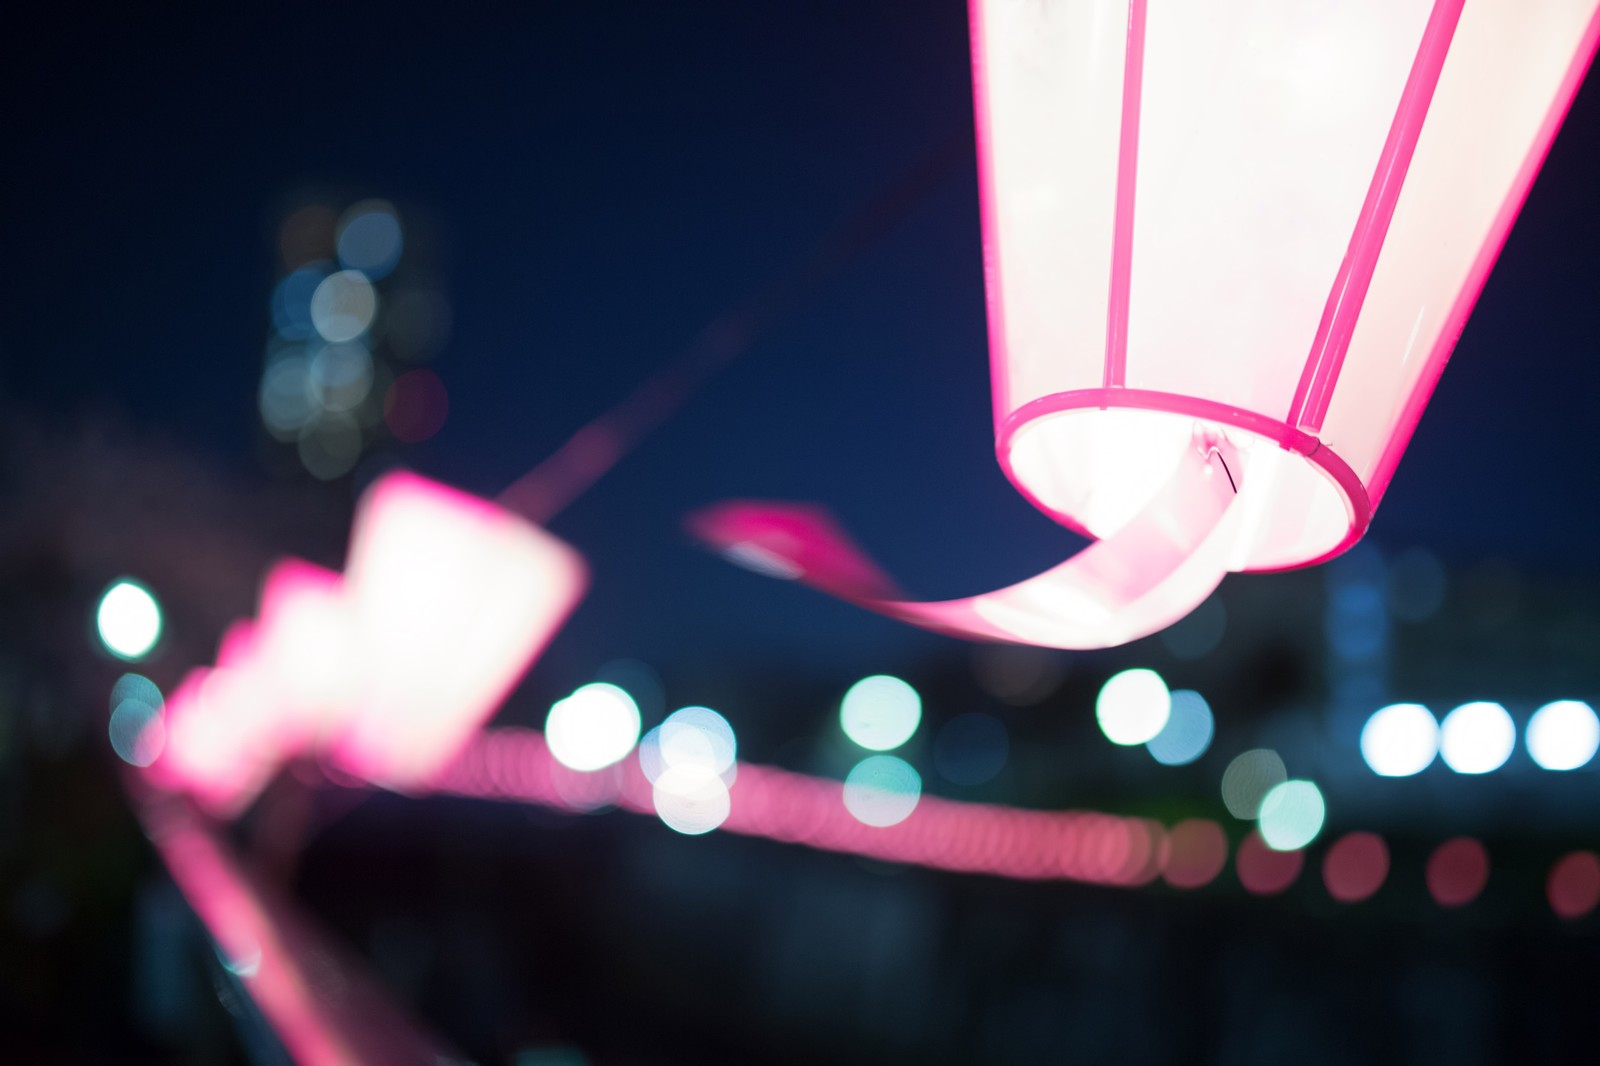 「桜まつりの提灯桜まつりの提灯」のフリー写真素材を拡大